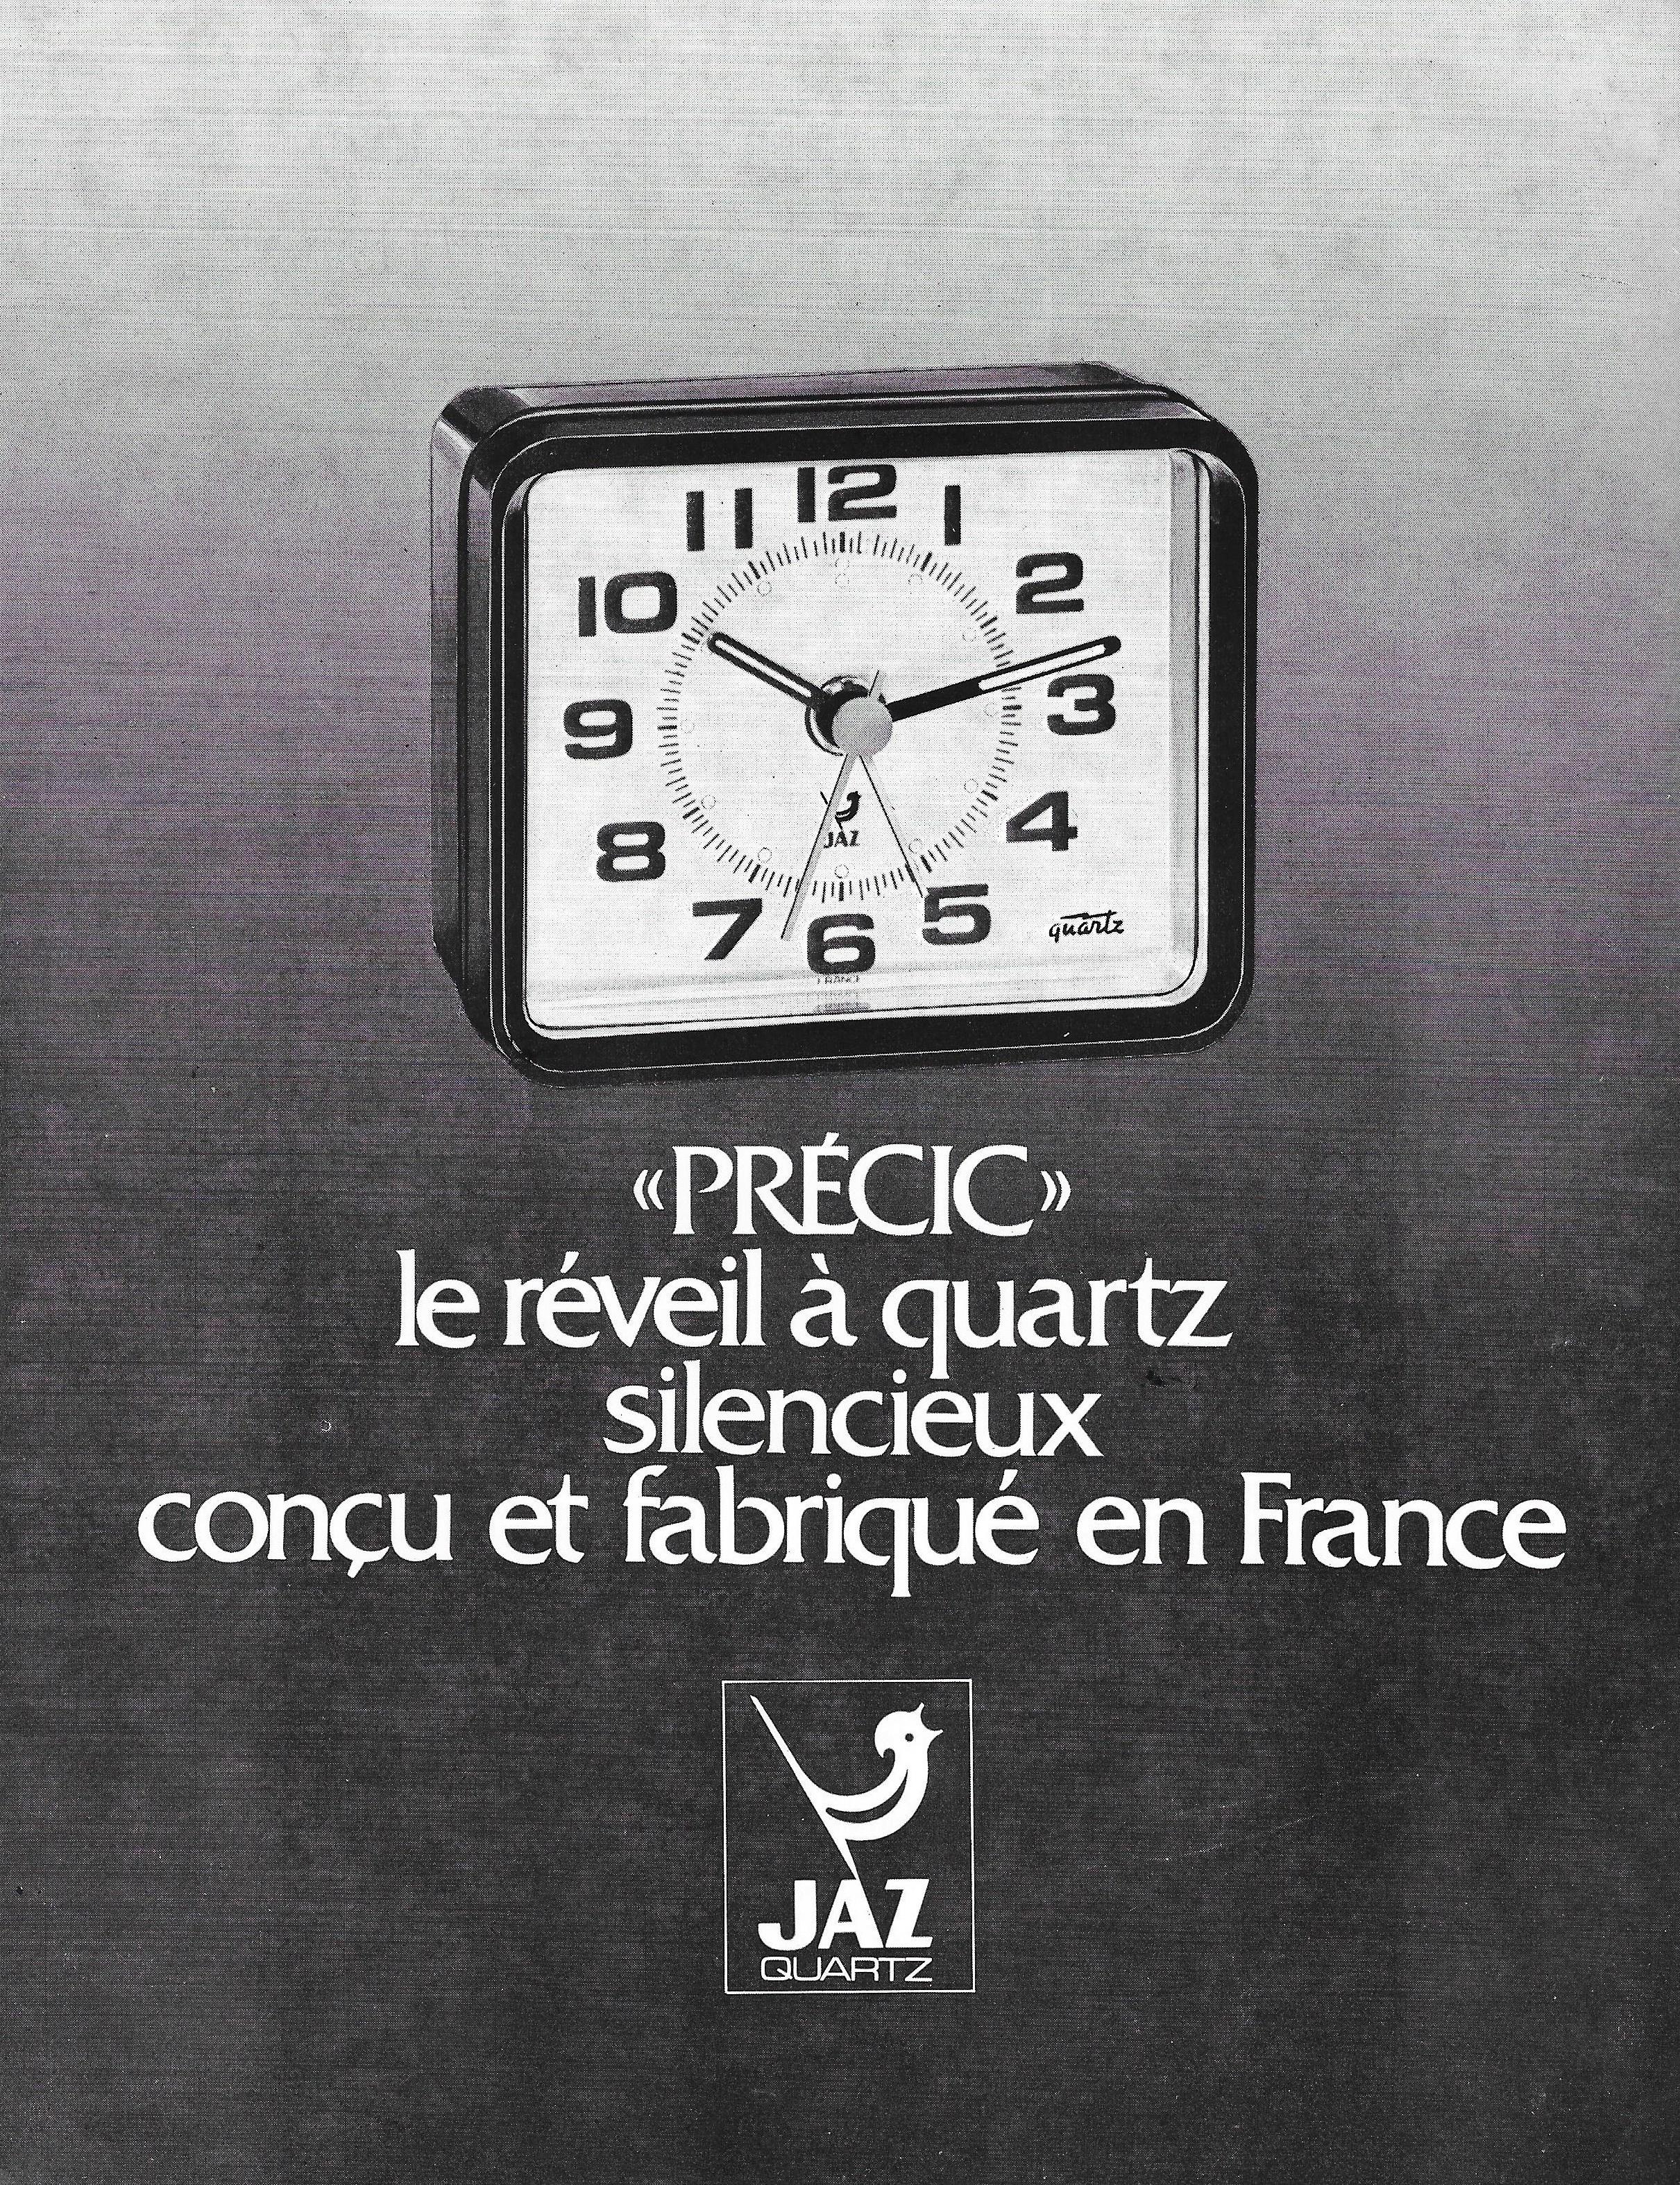 1978 La France Horlogère n°387 mars 78 page 49